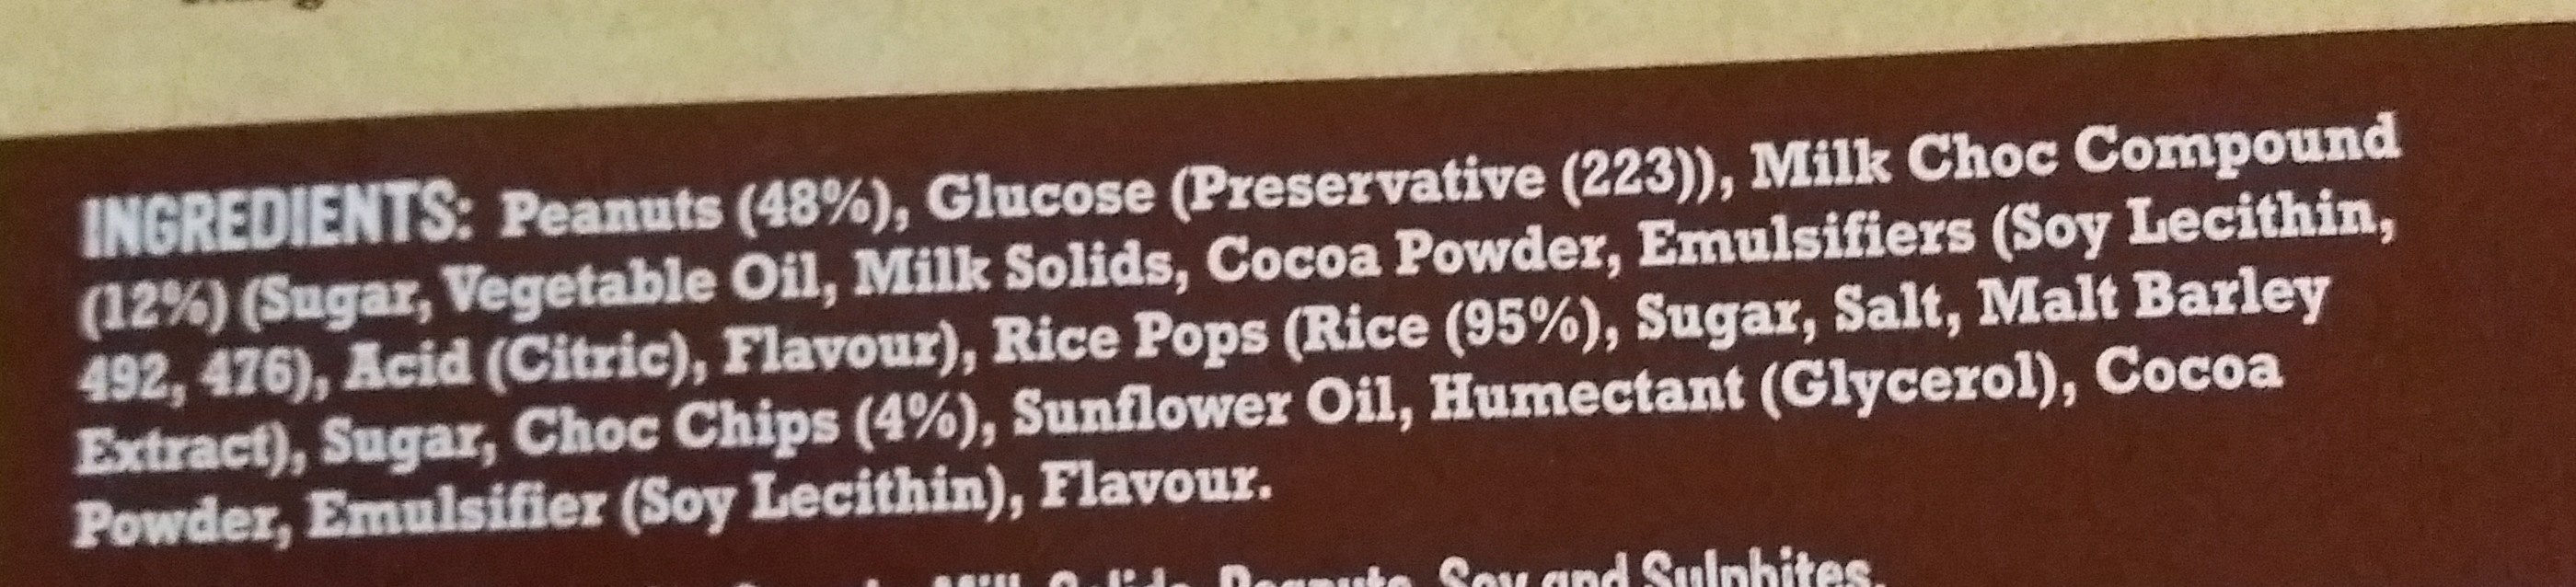 Mega Nuts Double Choc - Ingredients - en